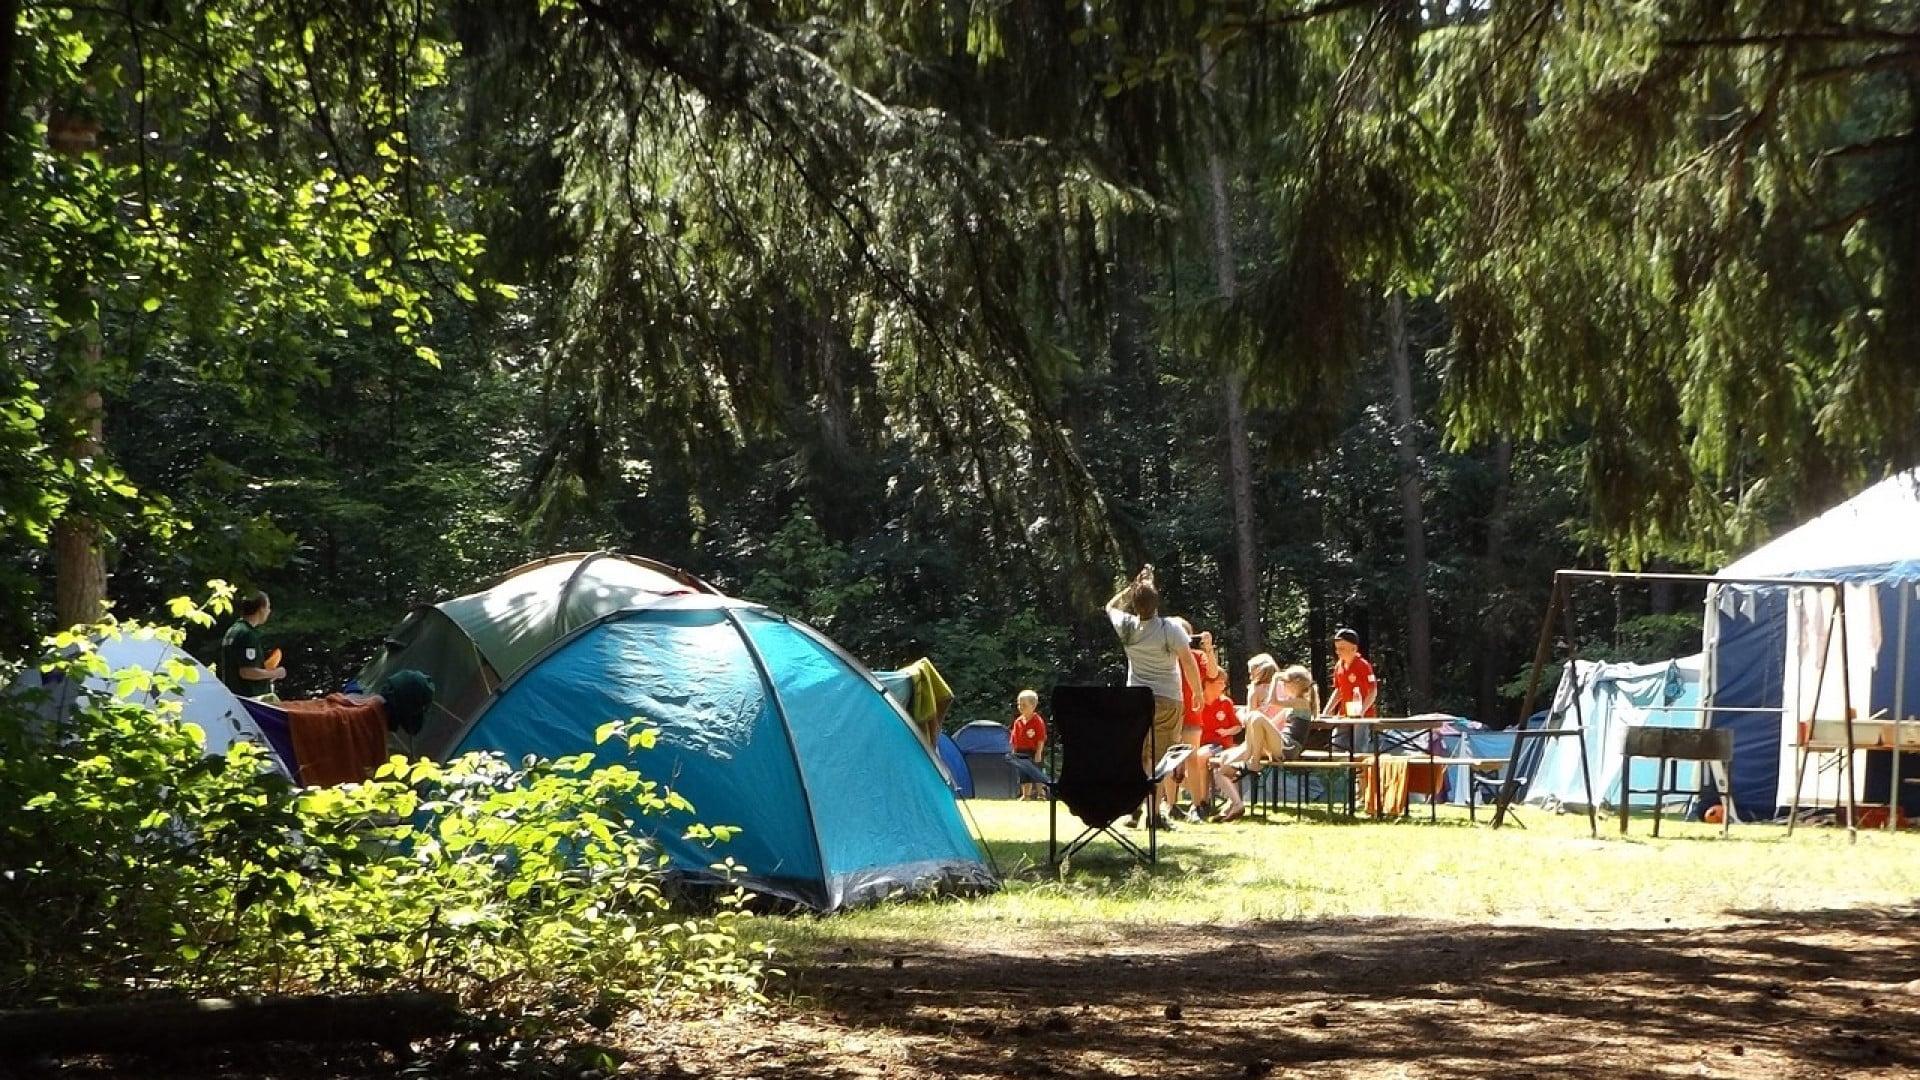 Quels sont les meilleurs lieux pour camper en France?